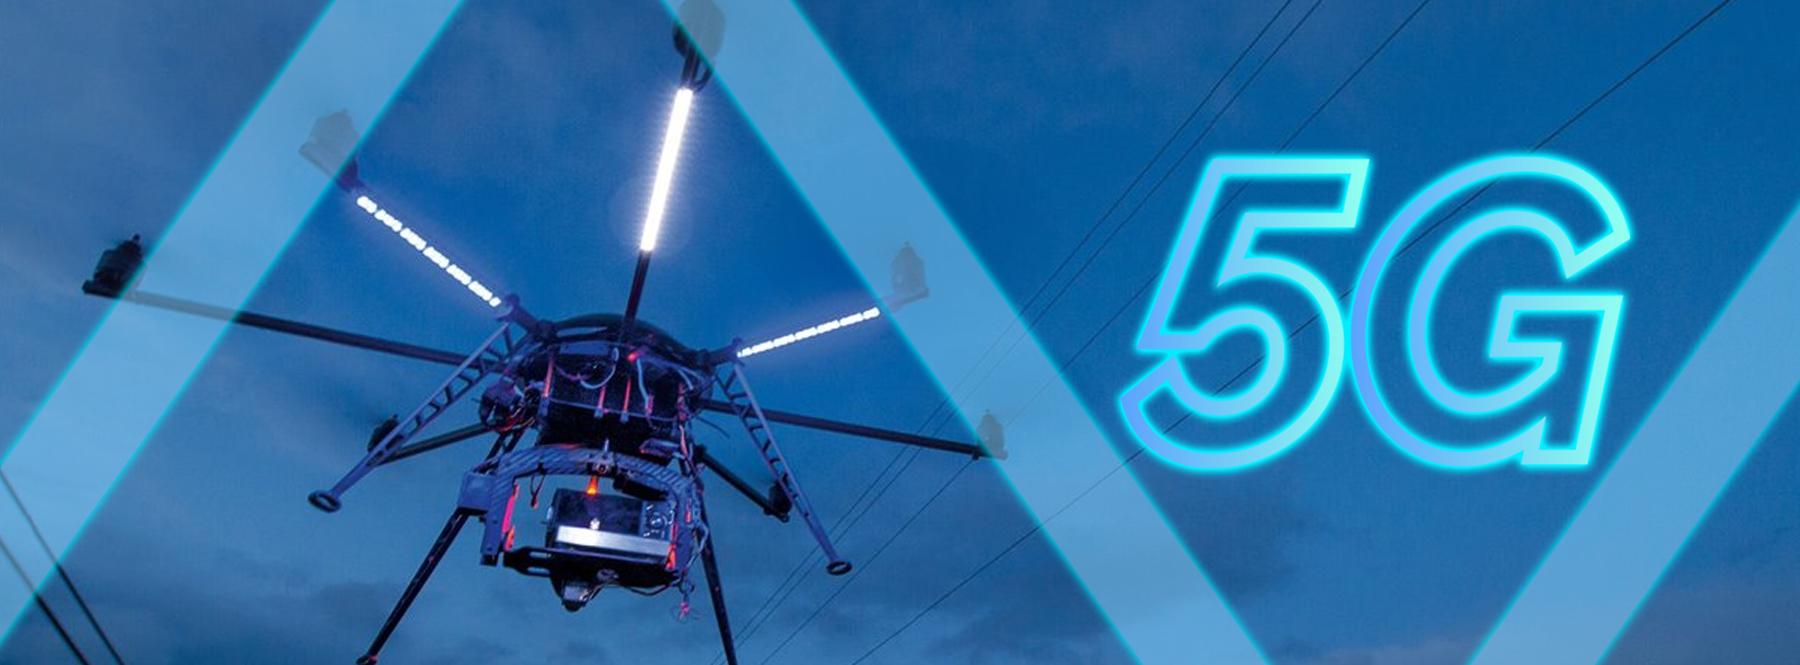 Drones con cámara y 5G: una solución para vigilar cultivos